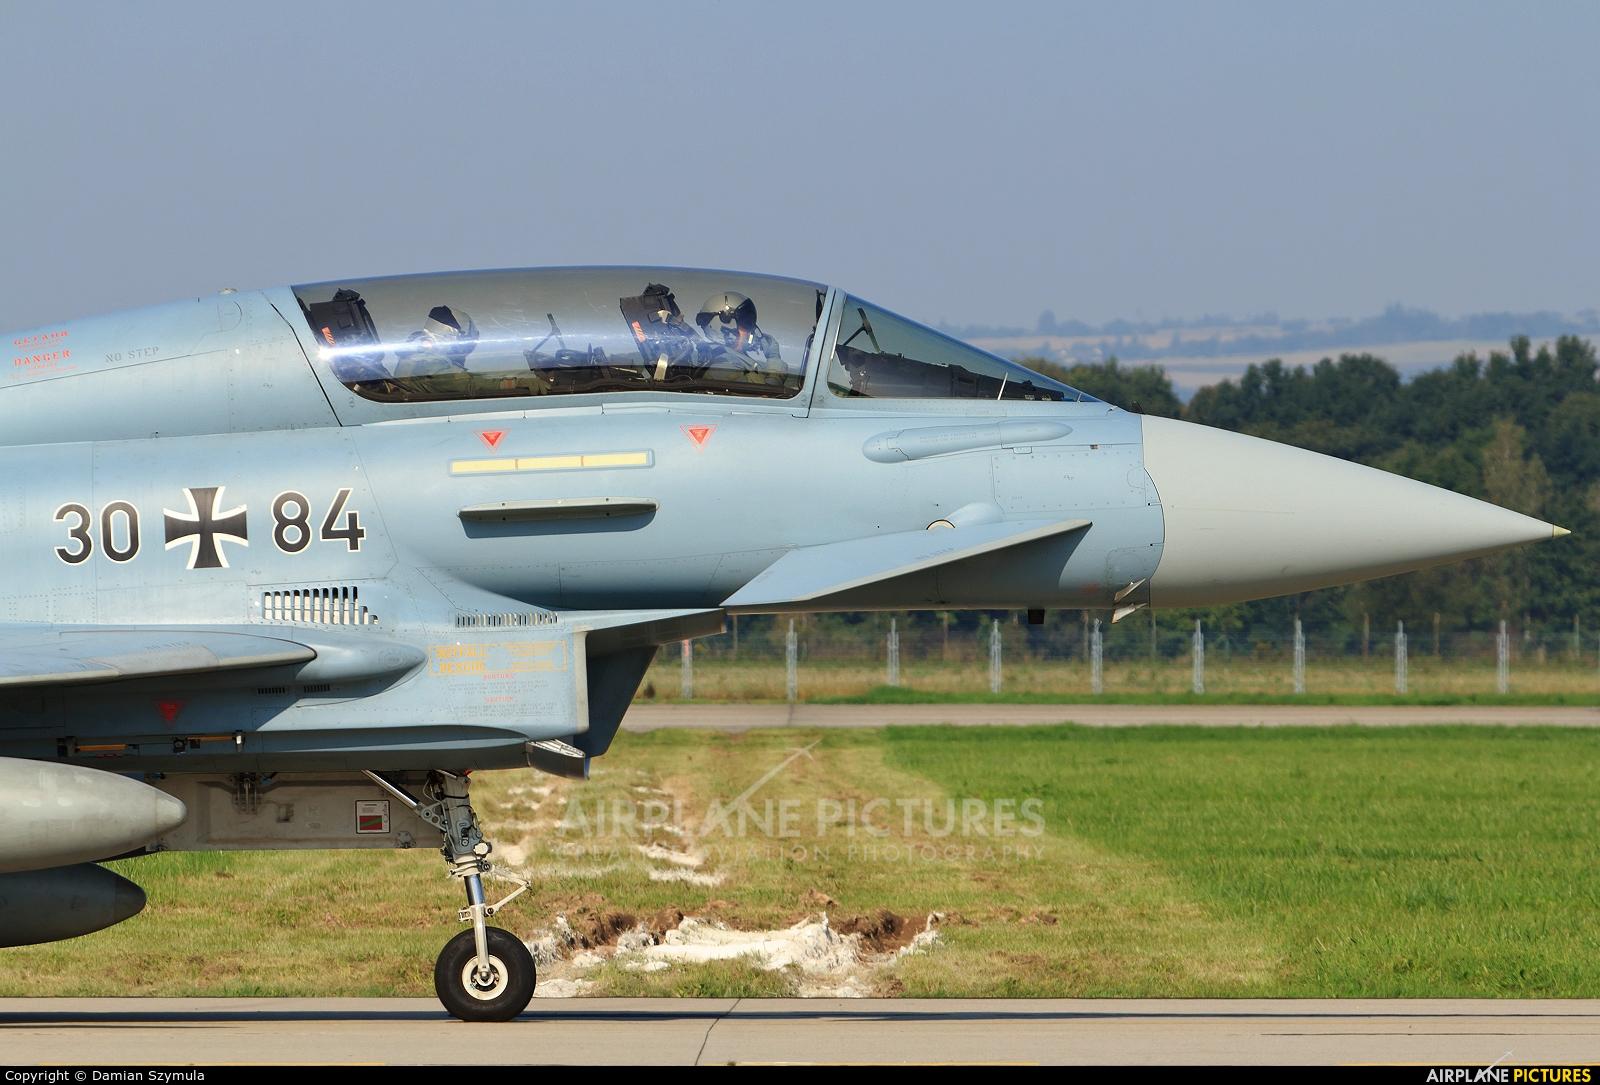 Germany - Air Force 30+84 aircraft at Ostrava Mošnov